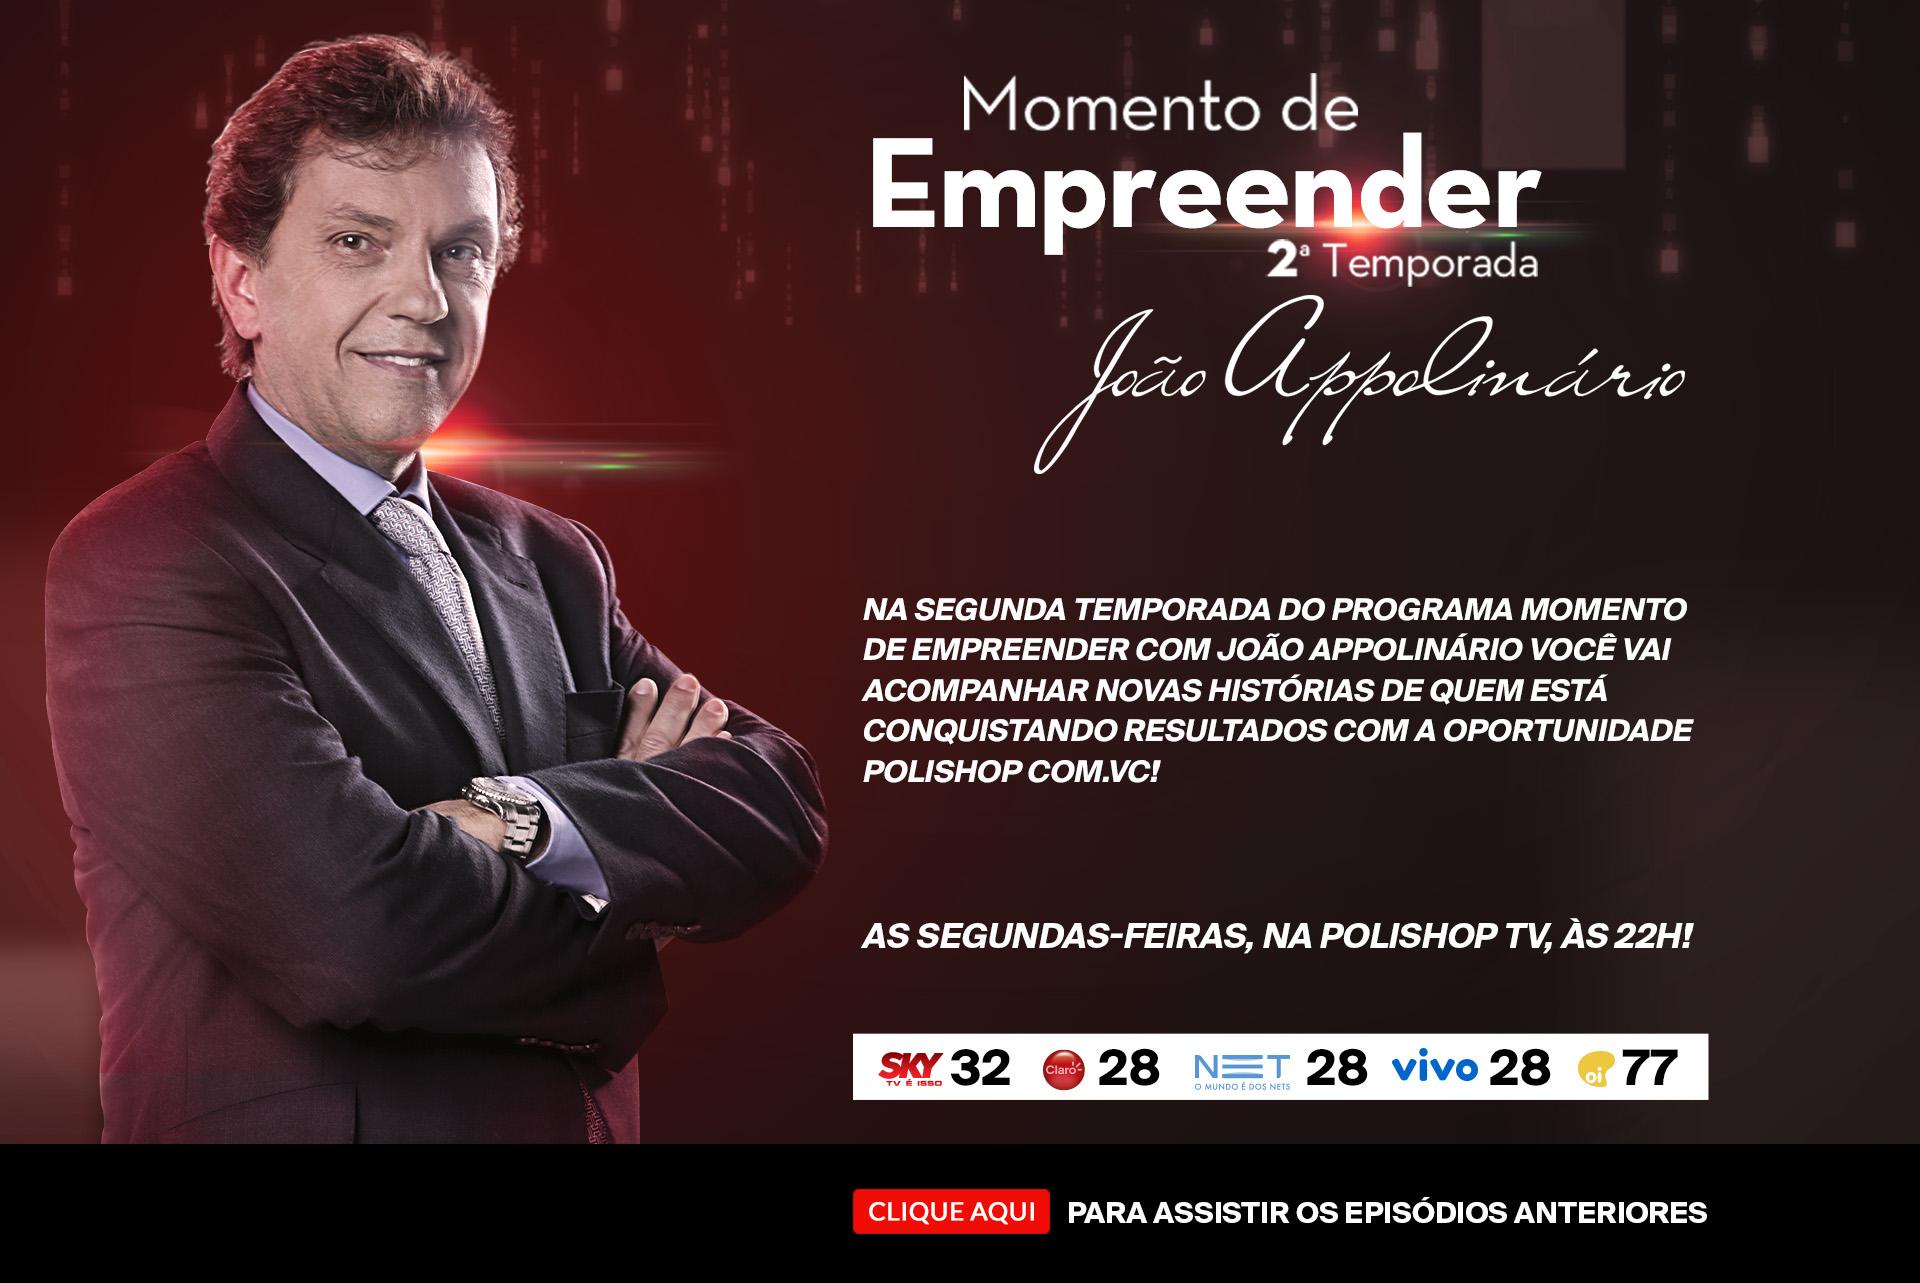 MOMENTO DE EMPREENDER